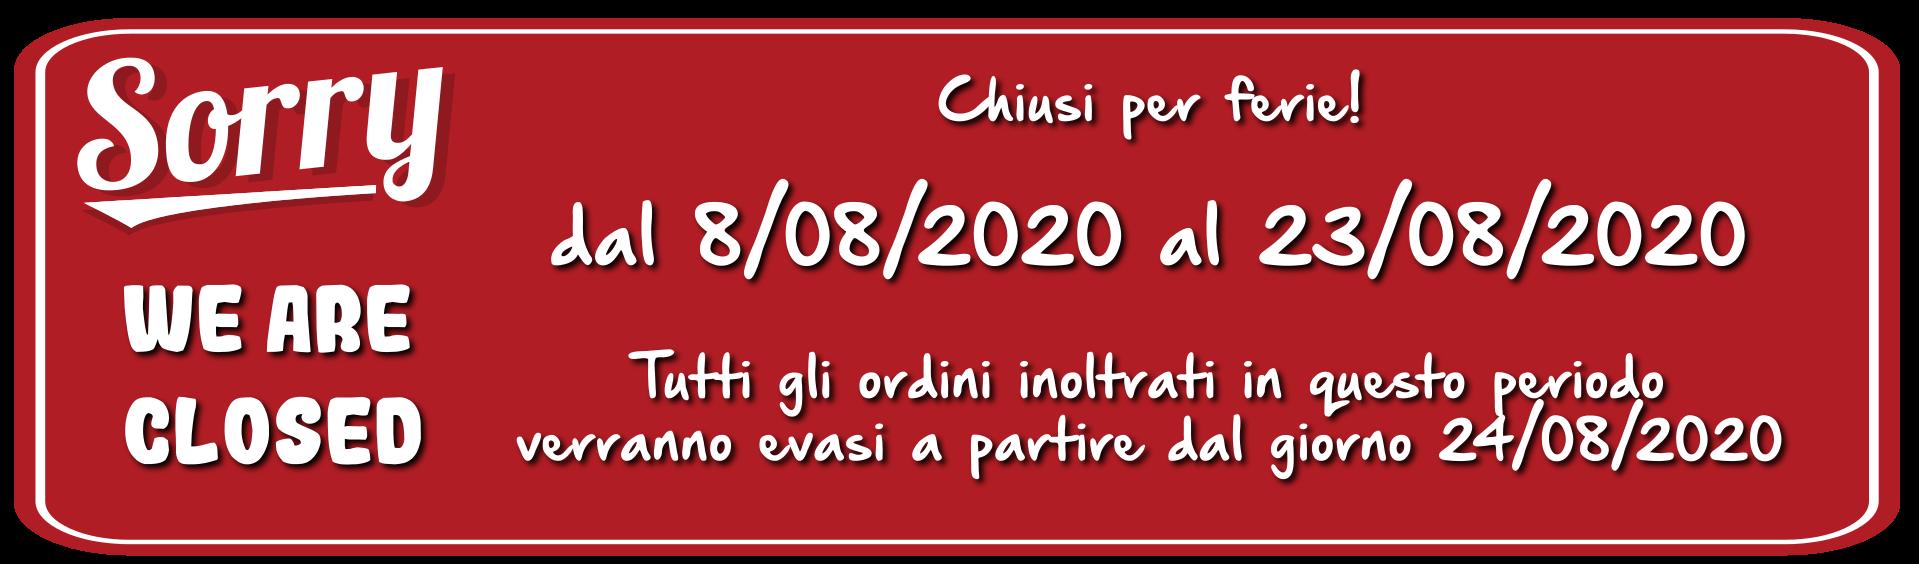 chiusura 2020